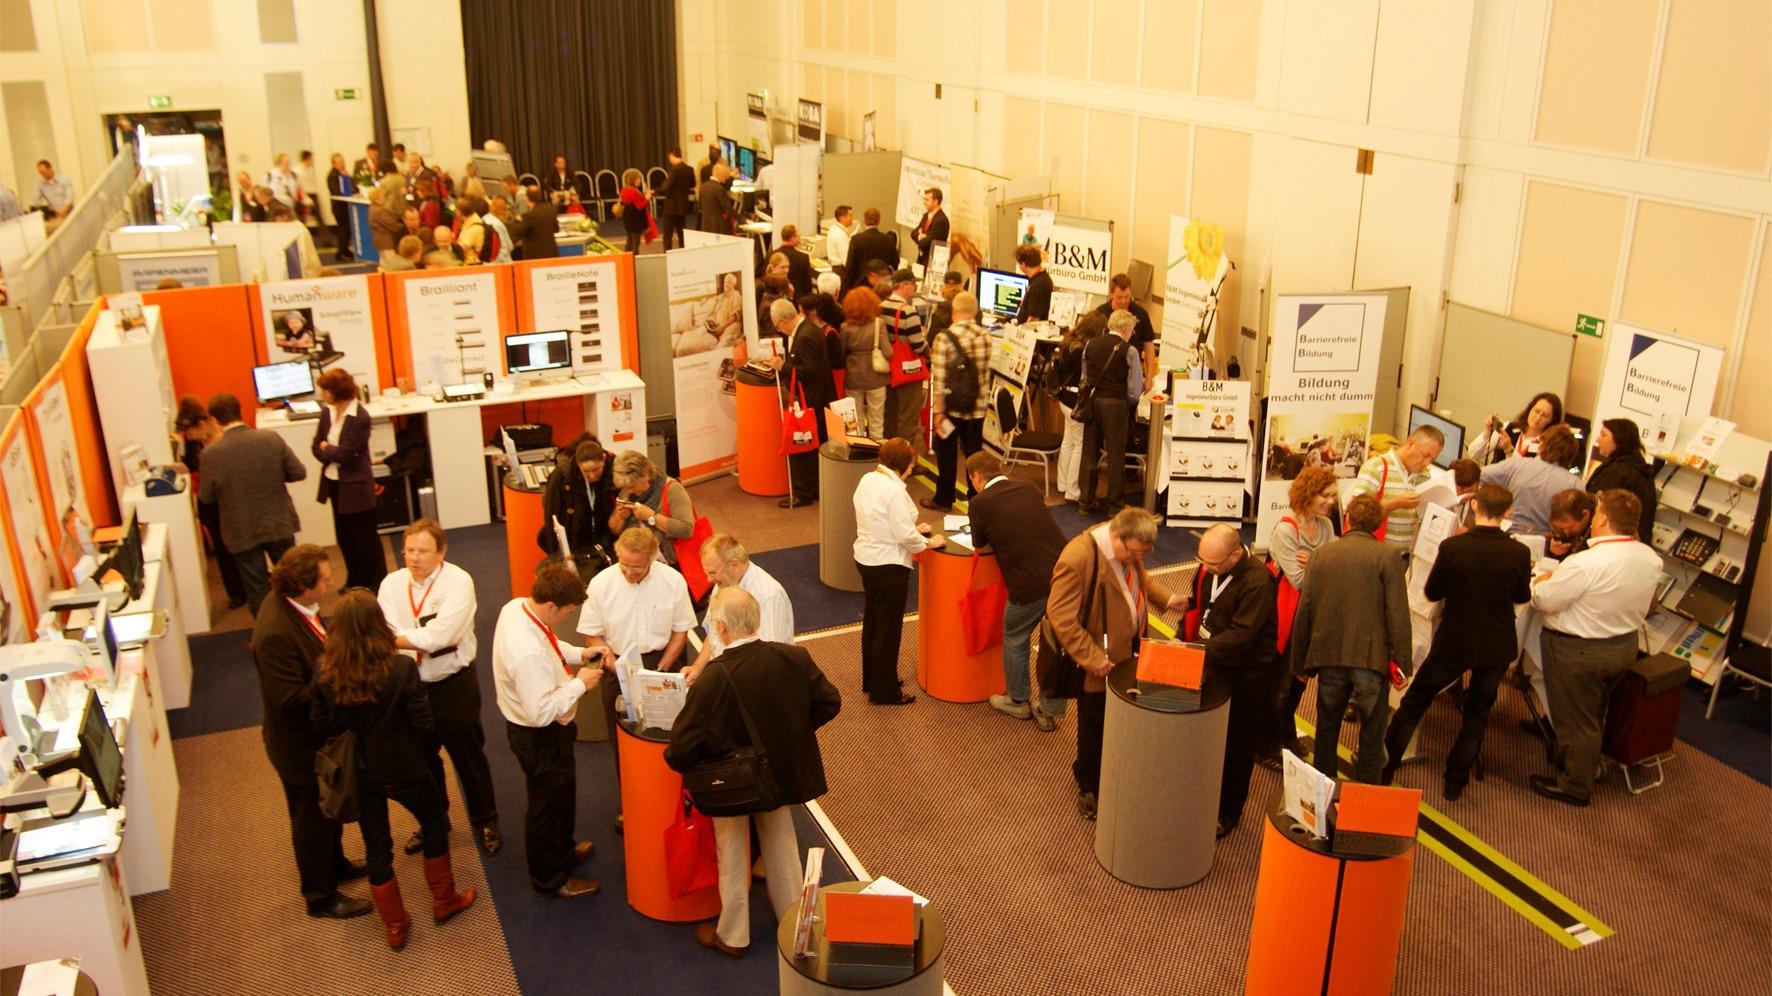 SightCity: Крупнейшая выставка технологий и устройств для слабовидящих и незрячих людей пройдет в мае во Франкфурте